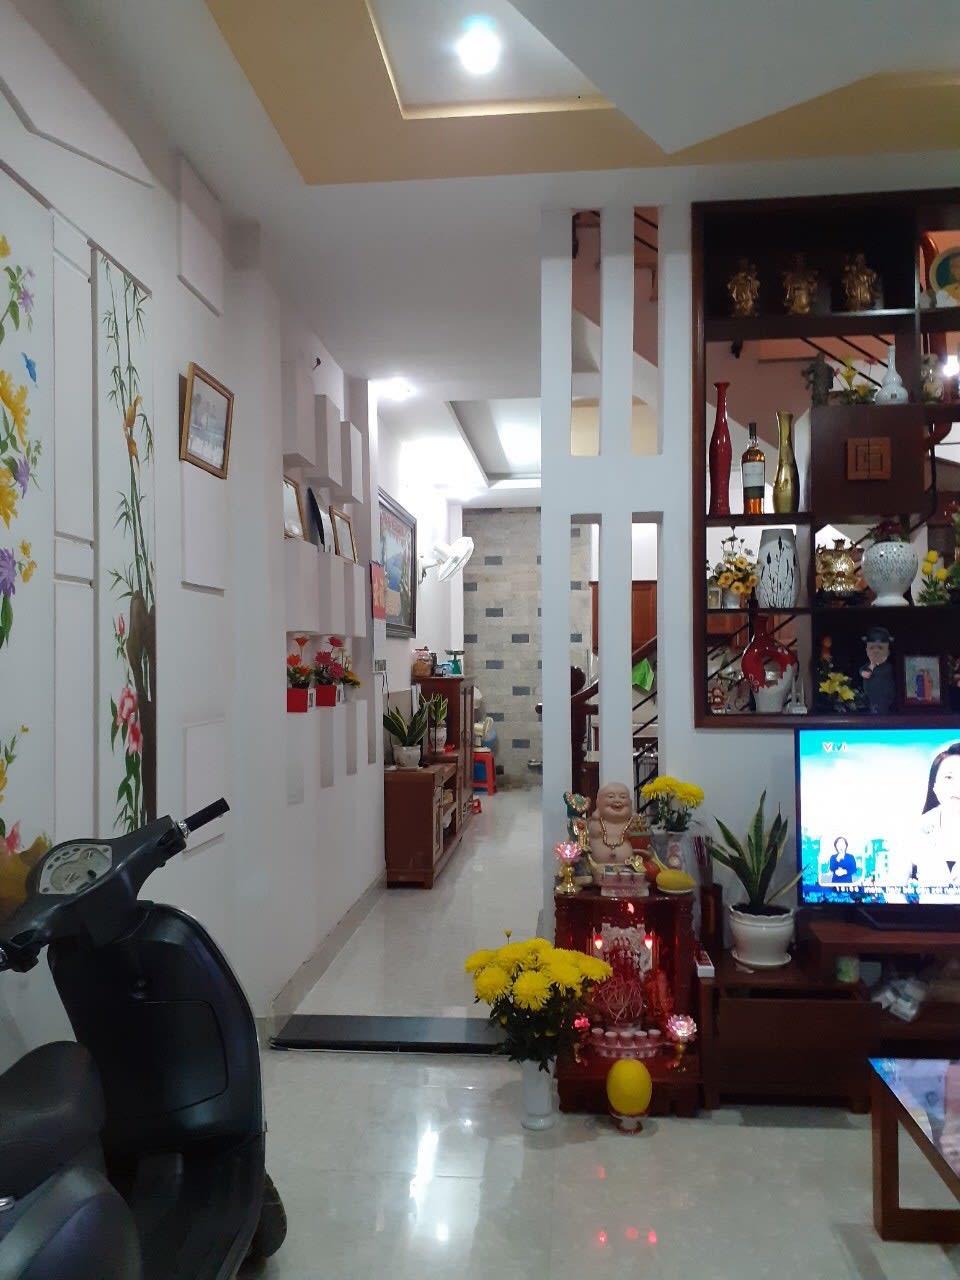 Chính Chủ Ở, Hẻm Xe Hơi Huỳnh Tấn Phát Quận 7, DT 4x14m 4 Tầng, Tặng Nội Thất, Giá 5.5 Tỷ